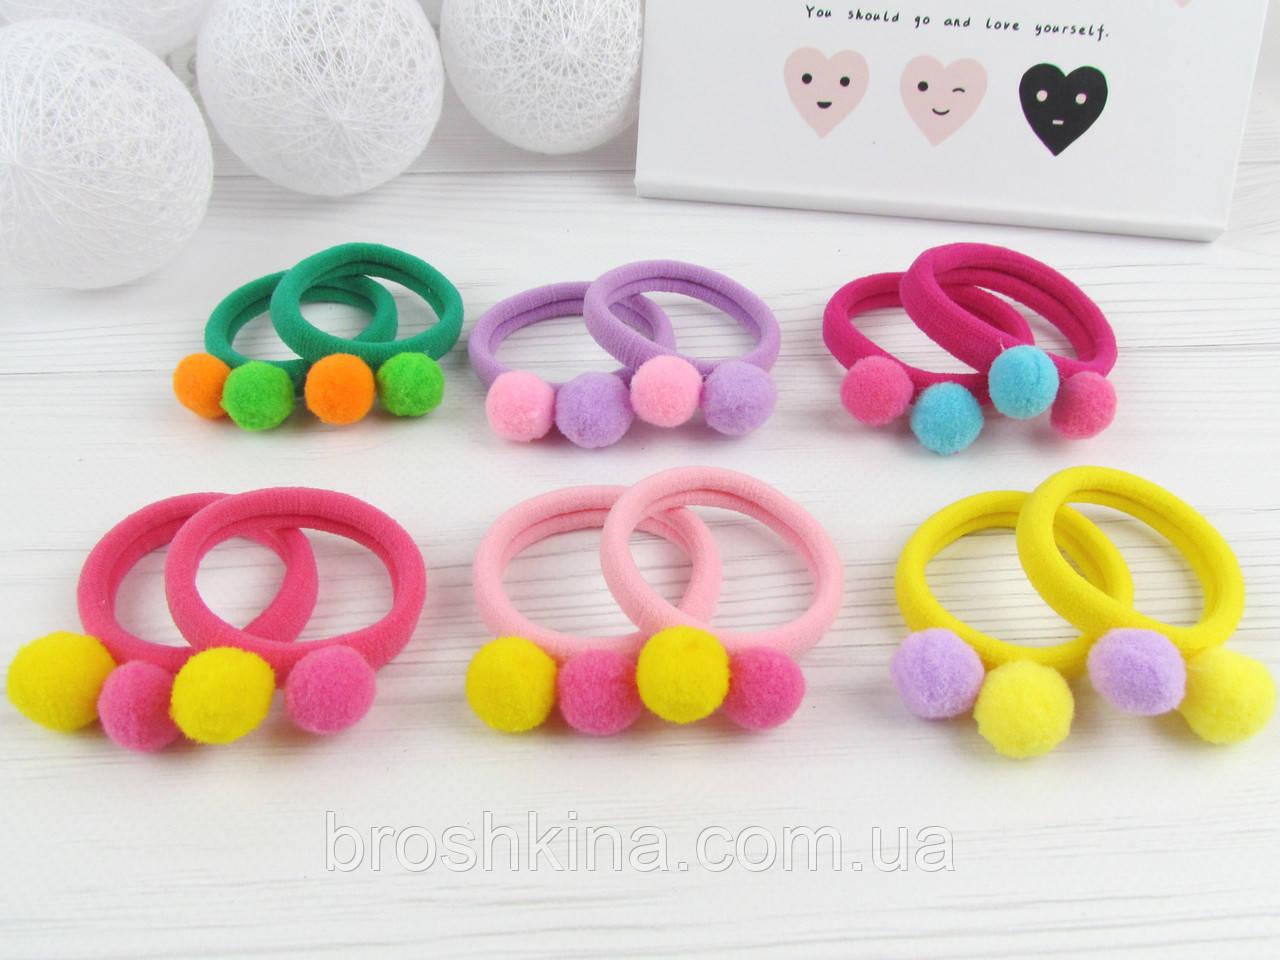 Детские резинки для волос с помпонами Ø4 см цветные 30 шт/уп.